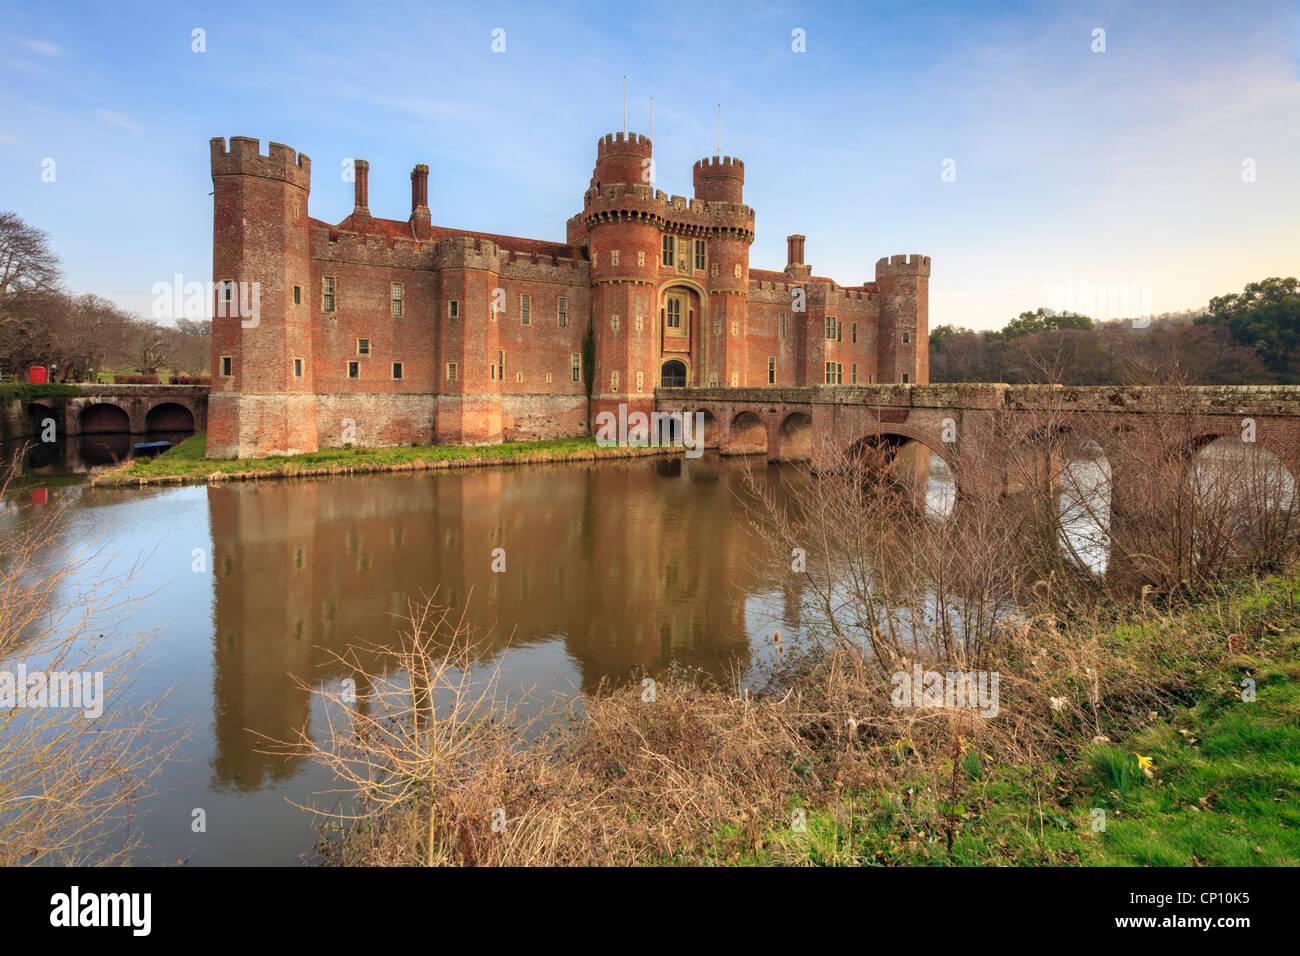 Herstmonceux Castle in East Sussex Stockbild